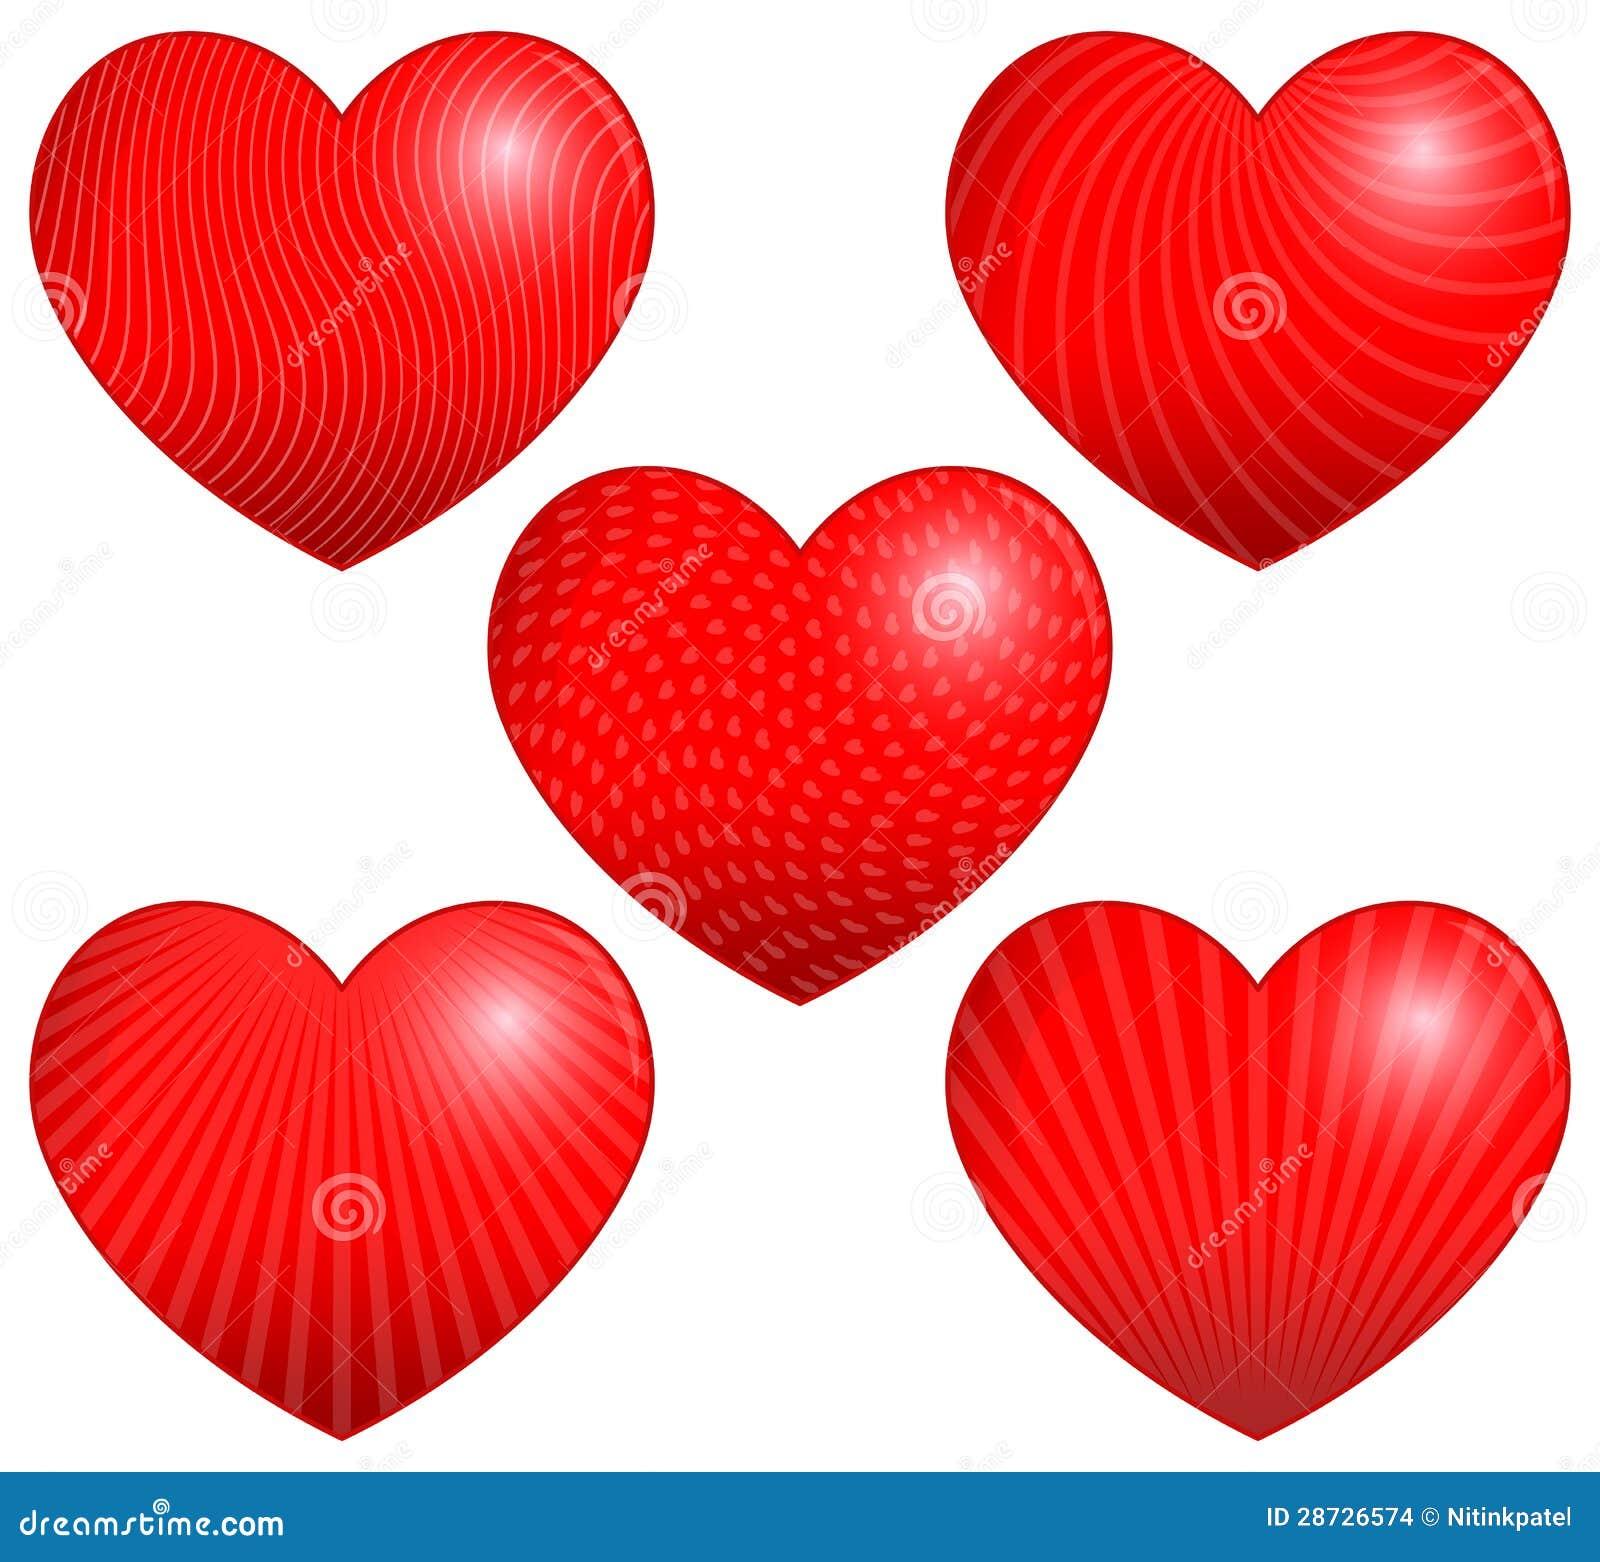 play hearts free